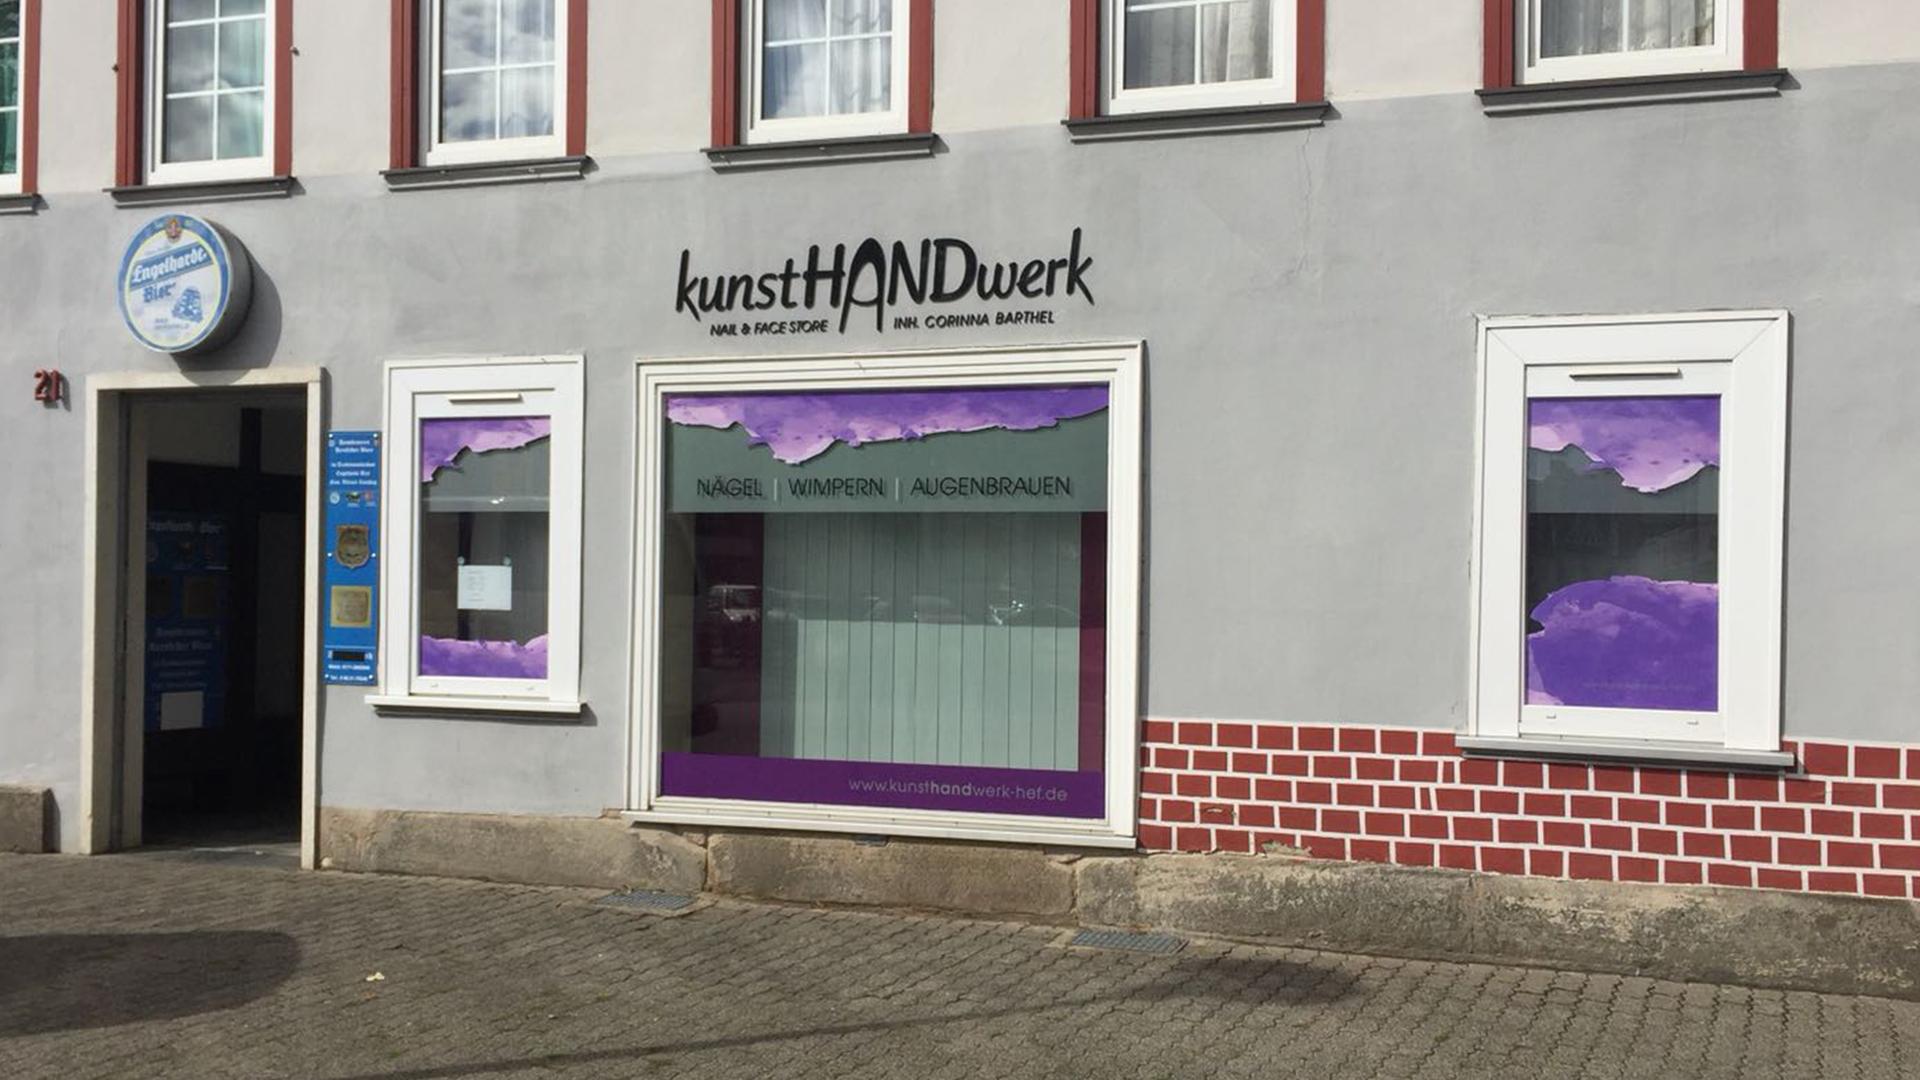 Schaufenstergestaltung für den kunstHANDwerk Nail&Face Store